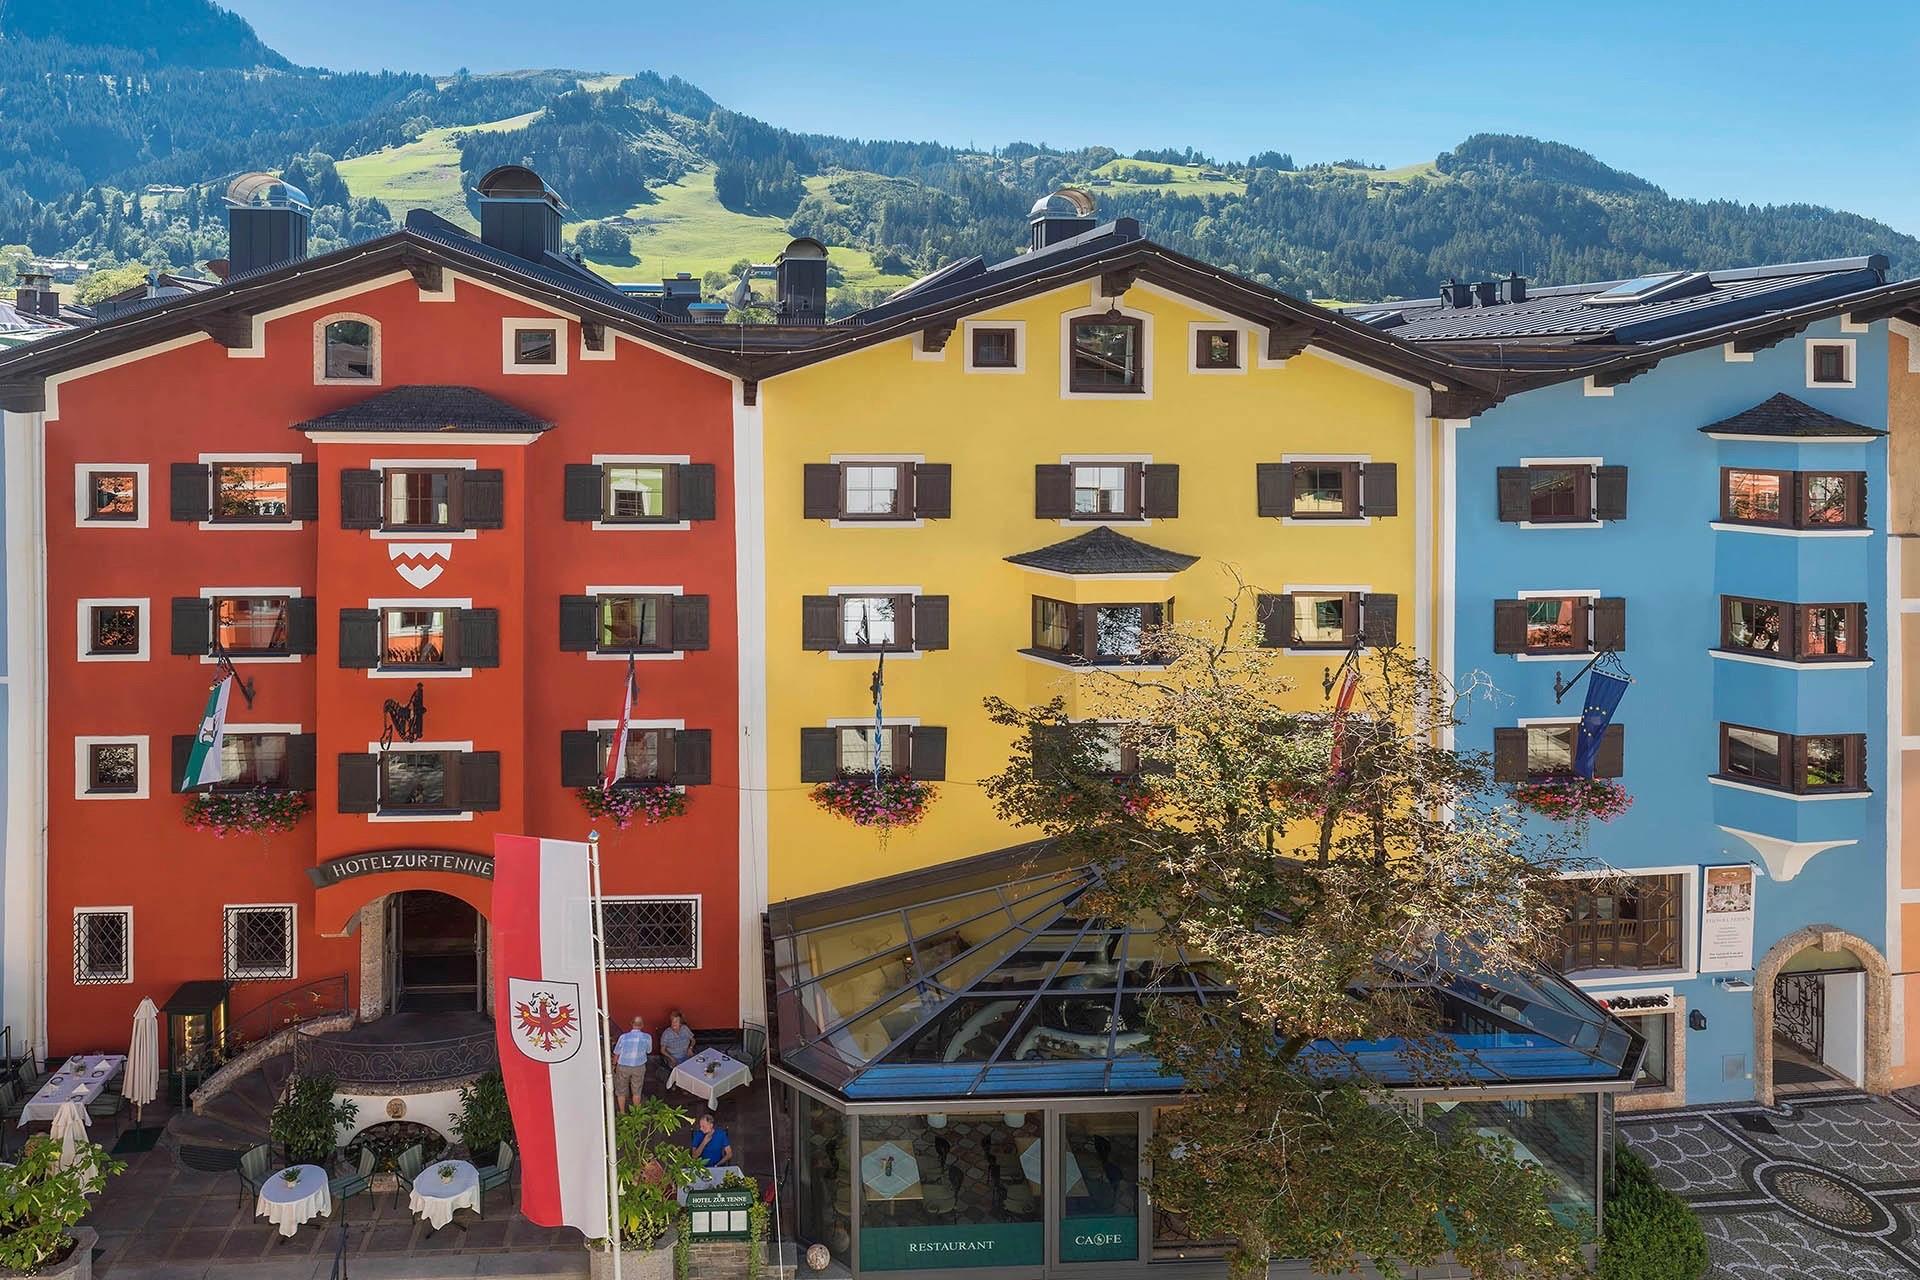 Das Hotel Zur Tenne in Kitzbühel